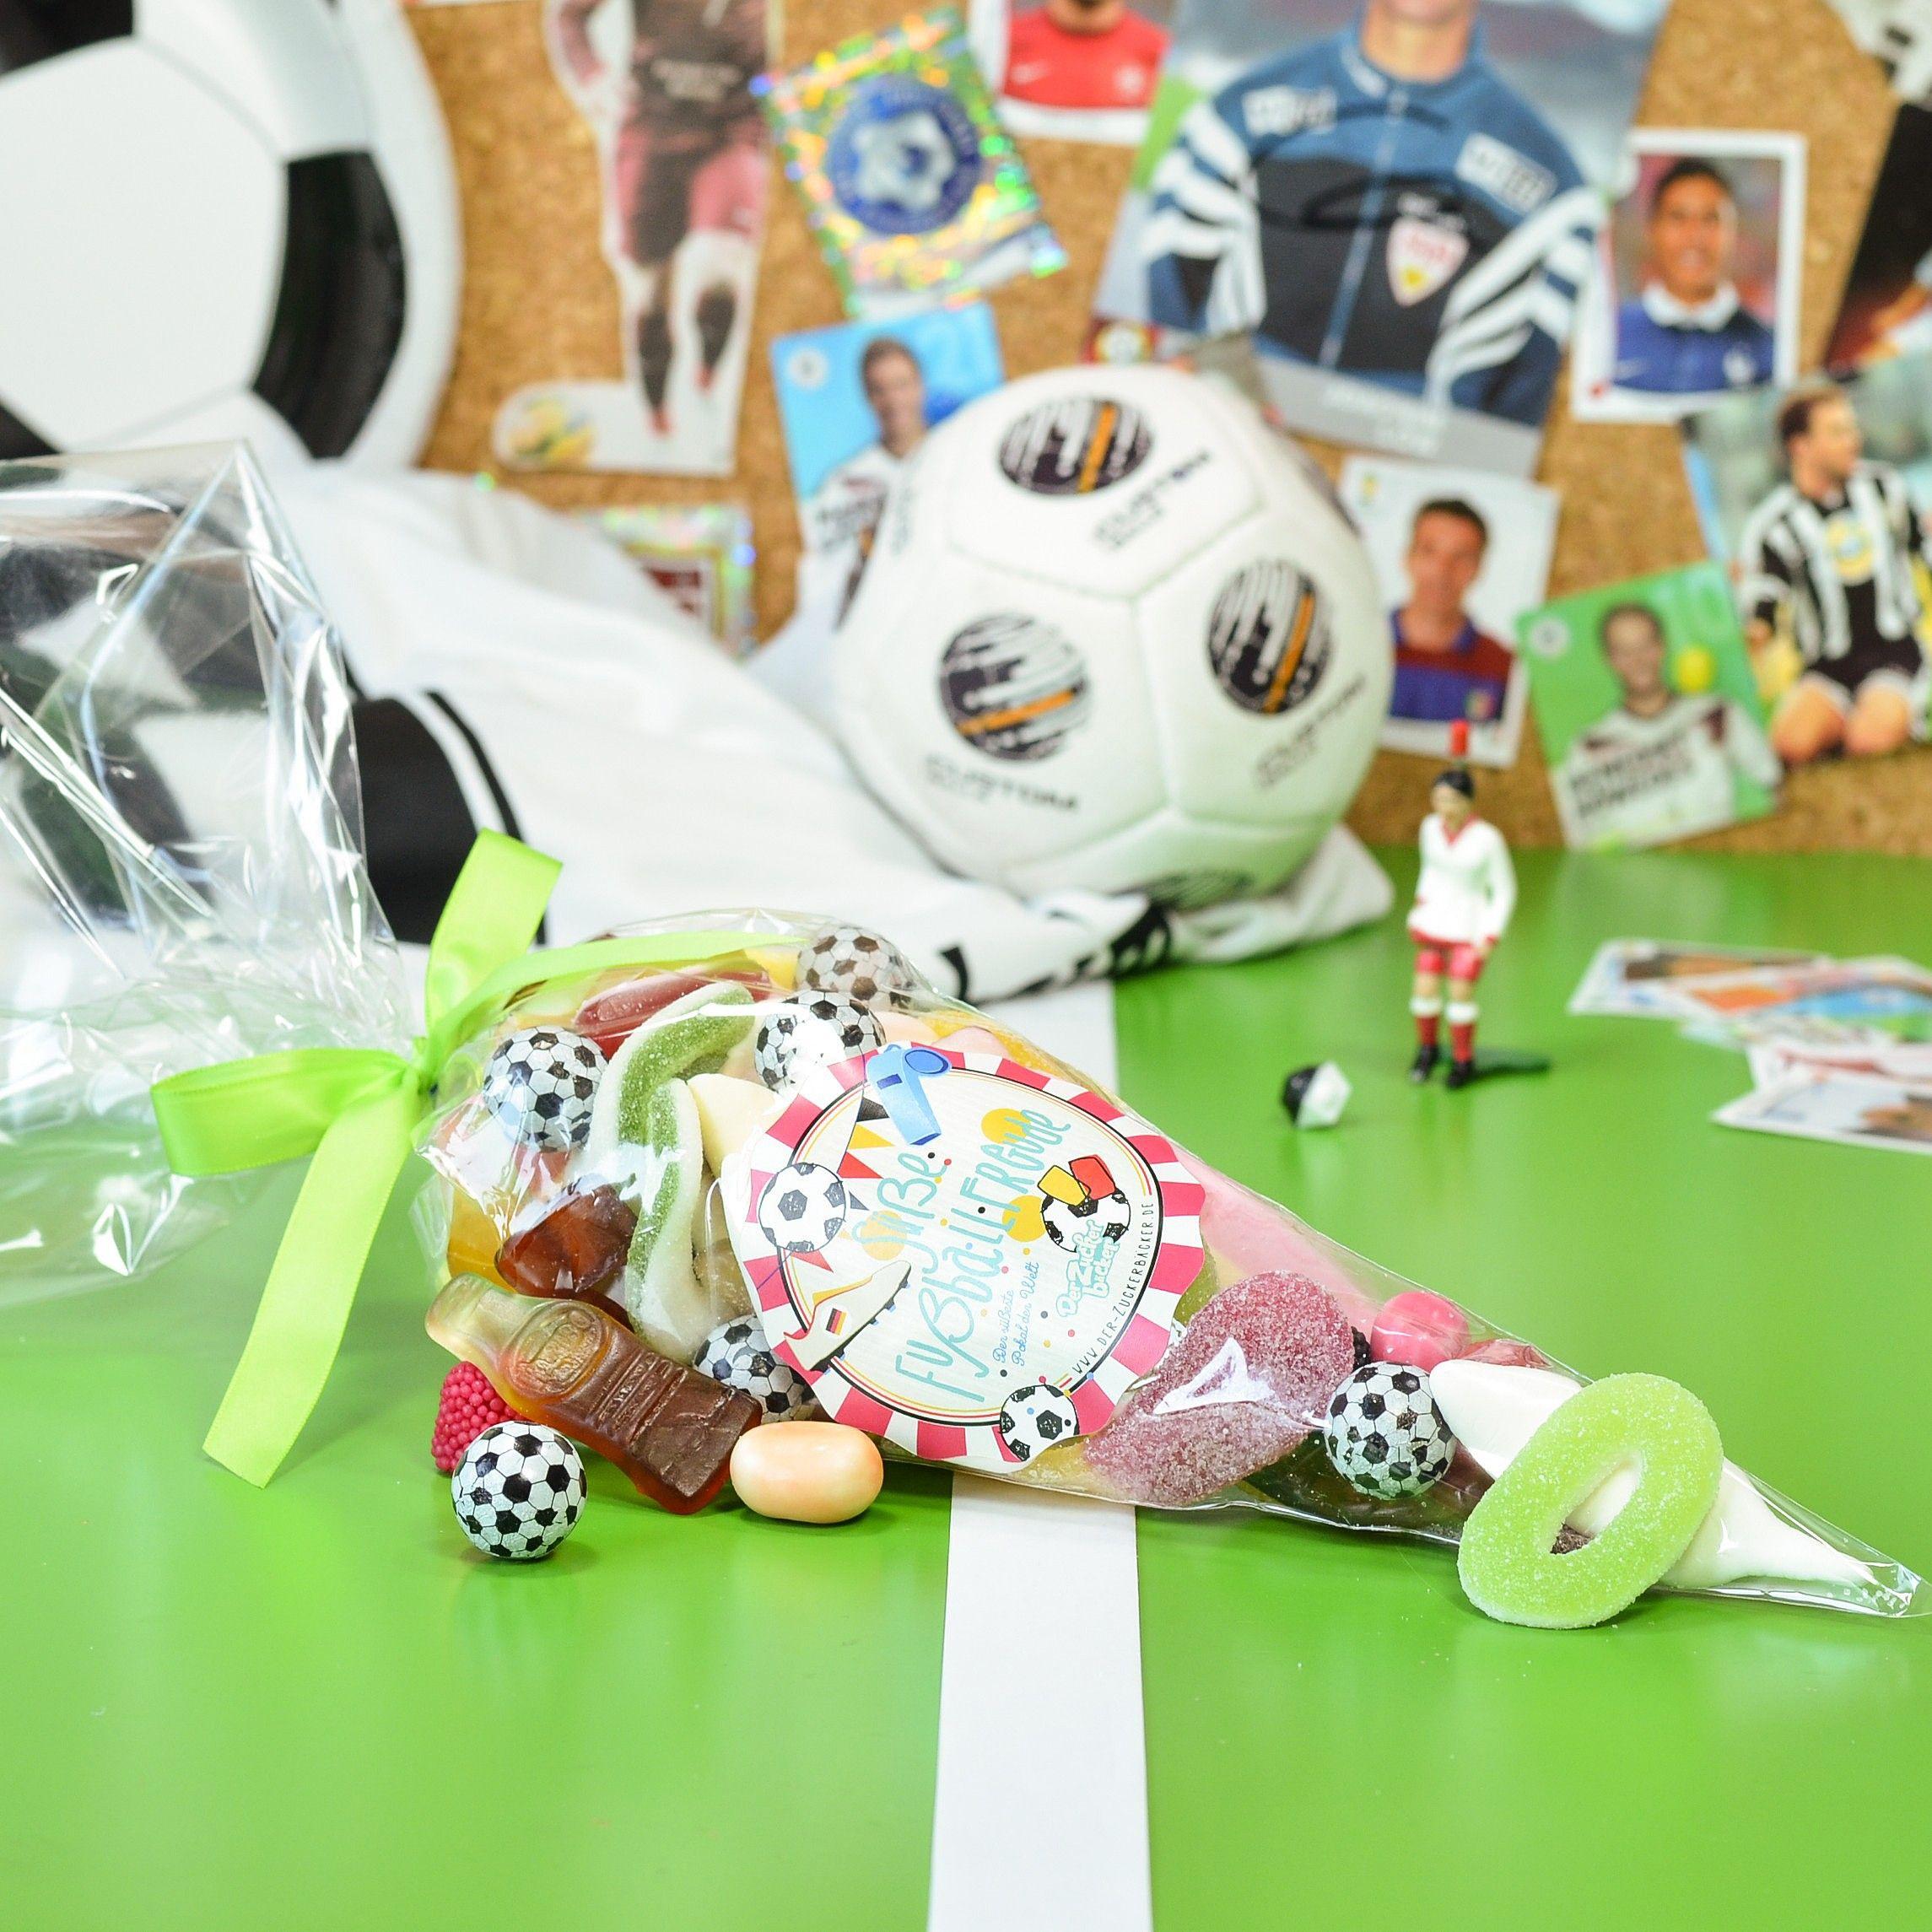 Süßes vor, noch ein Tor! Unsere Süße Fußballtüte.  #derzuckerbaecker #fußball #snack #süßigkeiten #spitztüte #männer #geschenk #fußballparty #DerZauberderKindheit #mehrFreudewenigerErnst #fürmehrFreude #soccer #football #EM #WM #sweets #candy #gummycandy #lecker #naschen #nervennahrung #süß #sauer